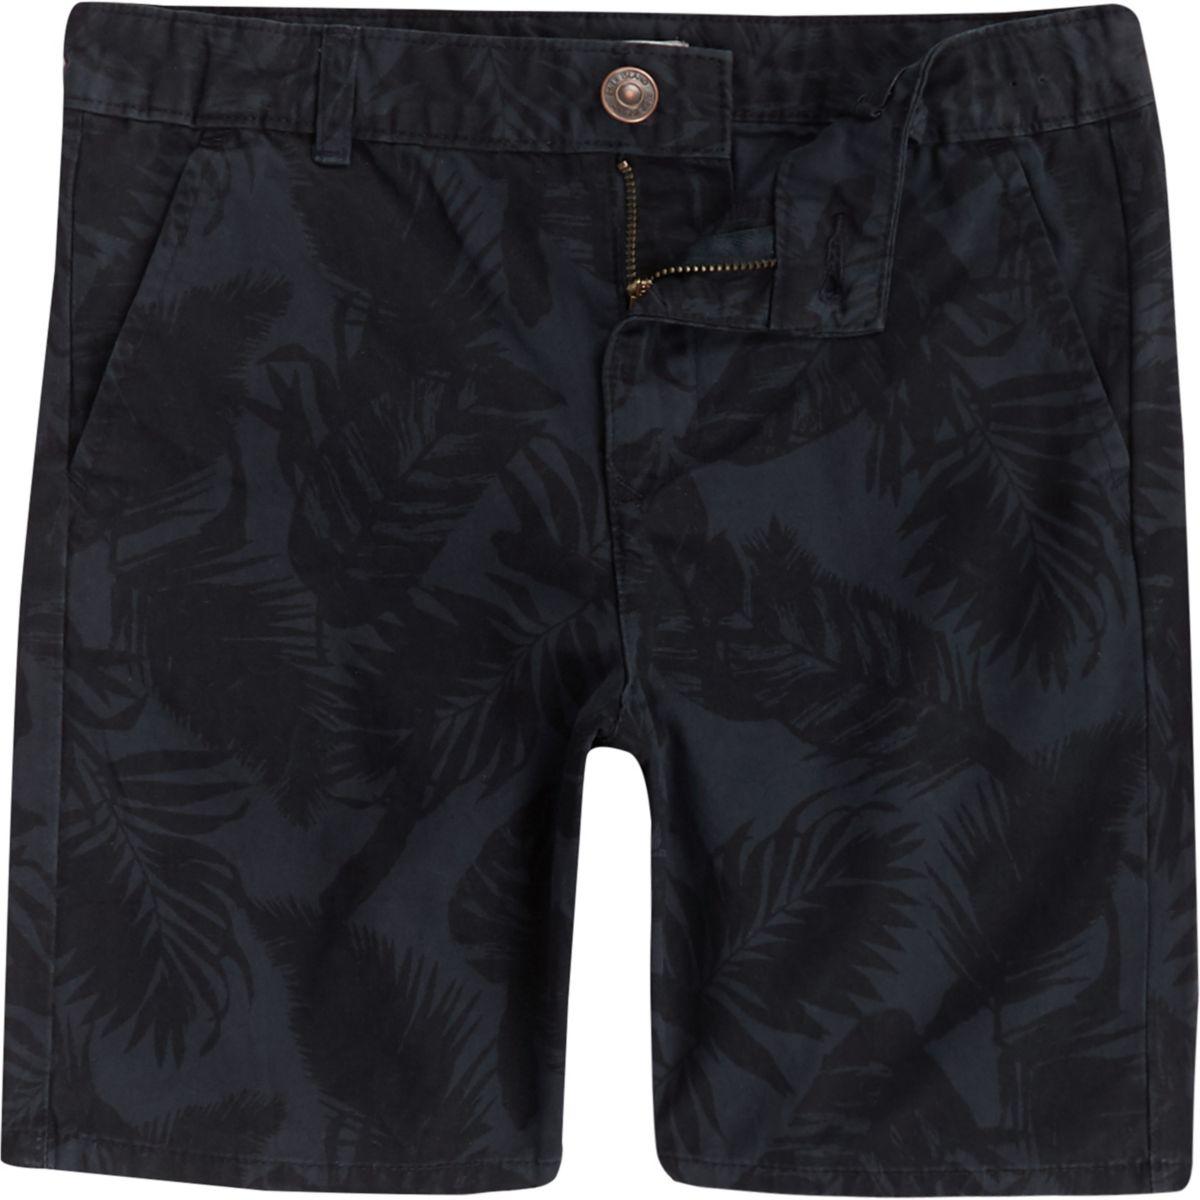 Boys navy floral chino shorts